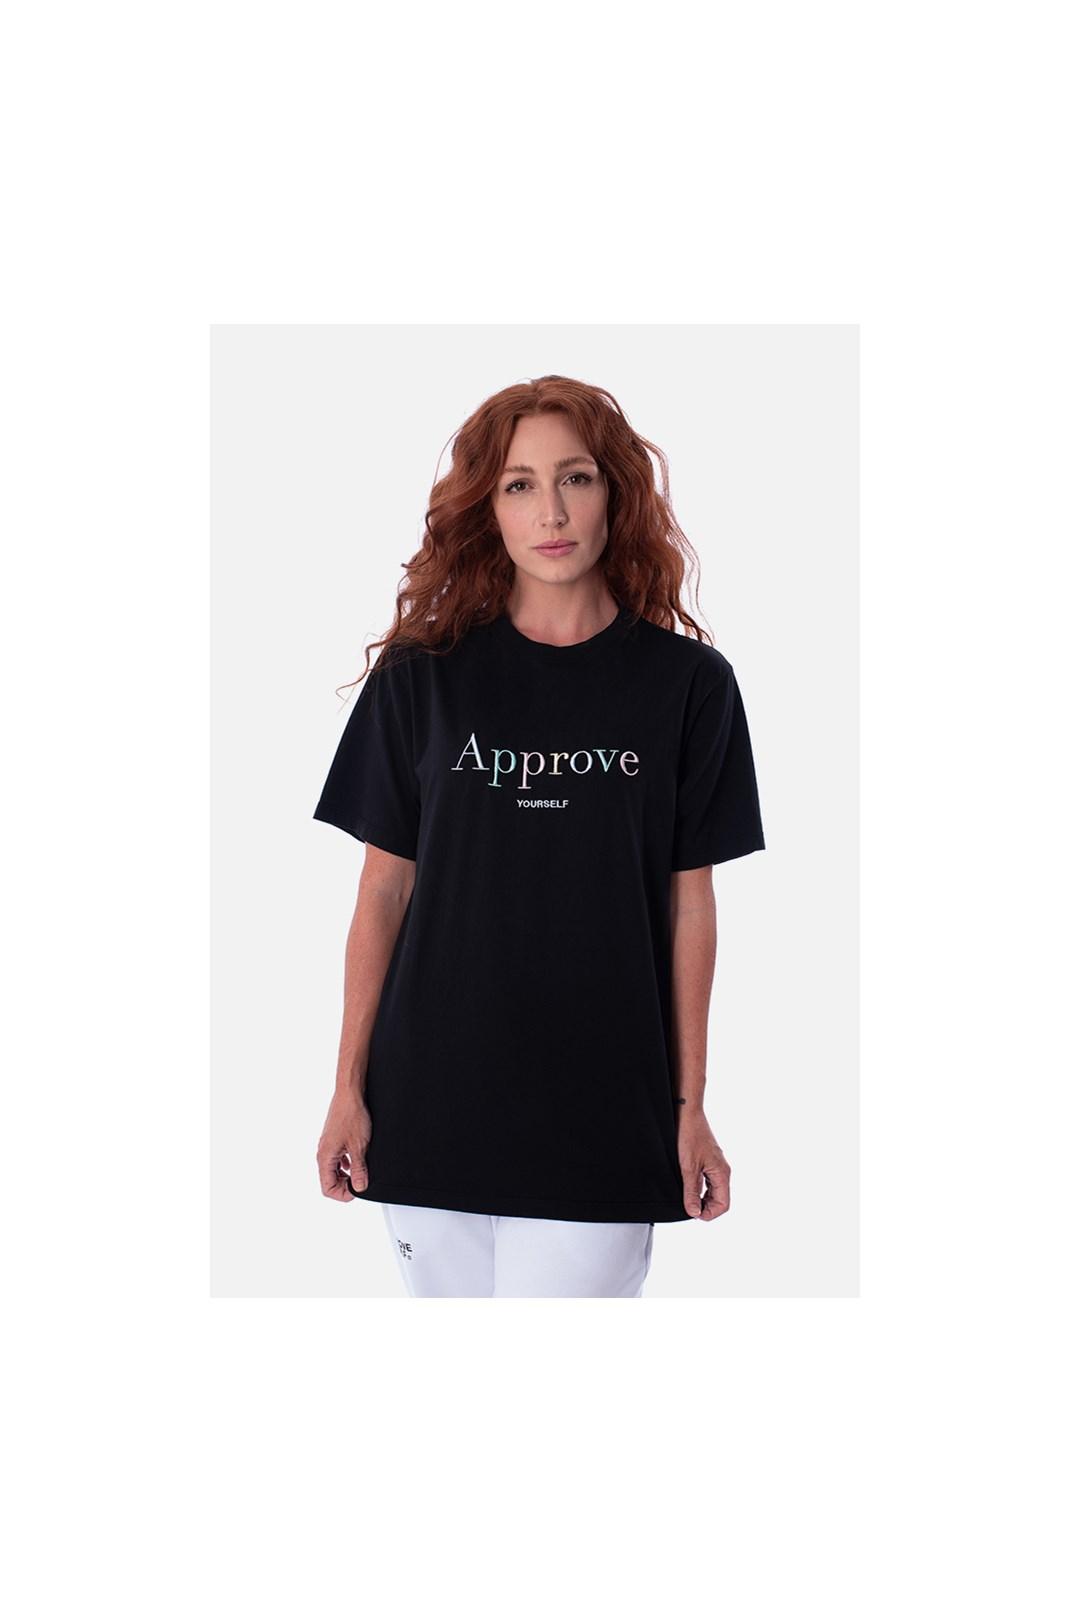 Camiseta Regular Approve Mirage Preta